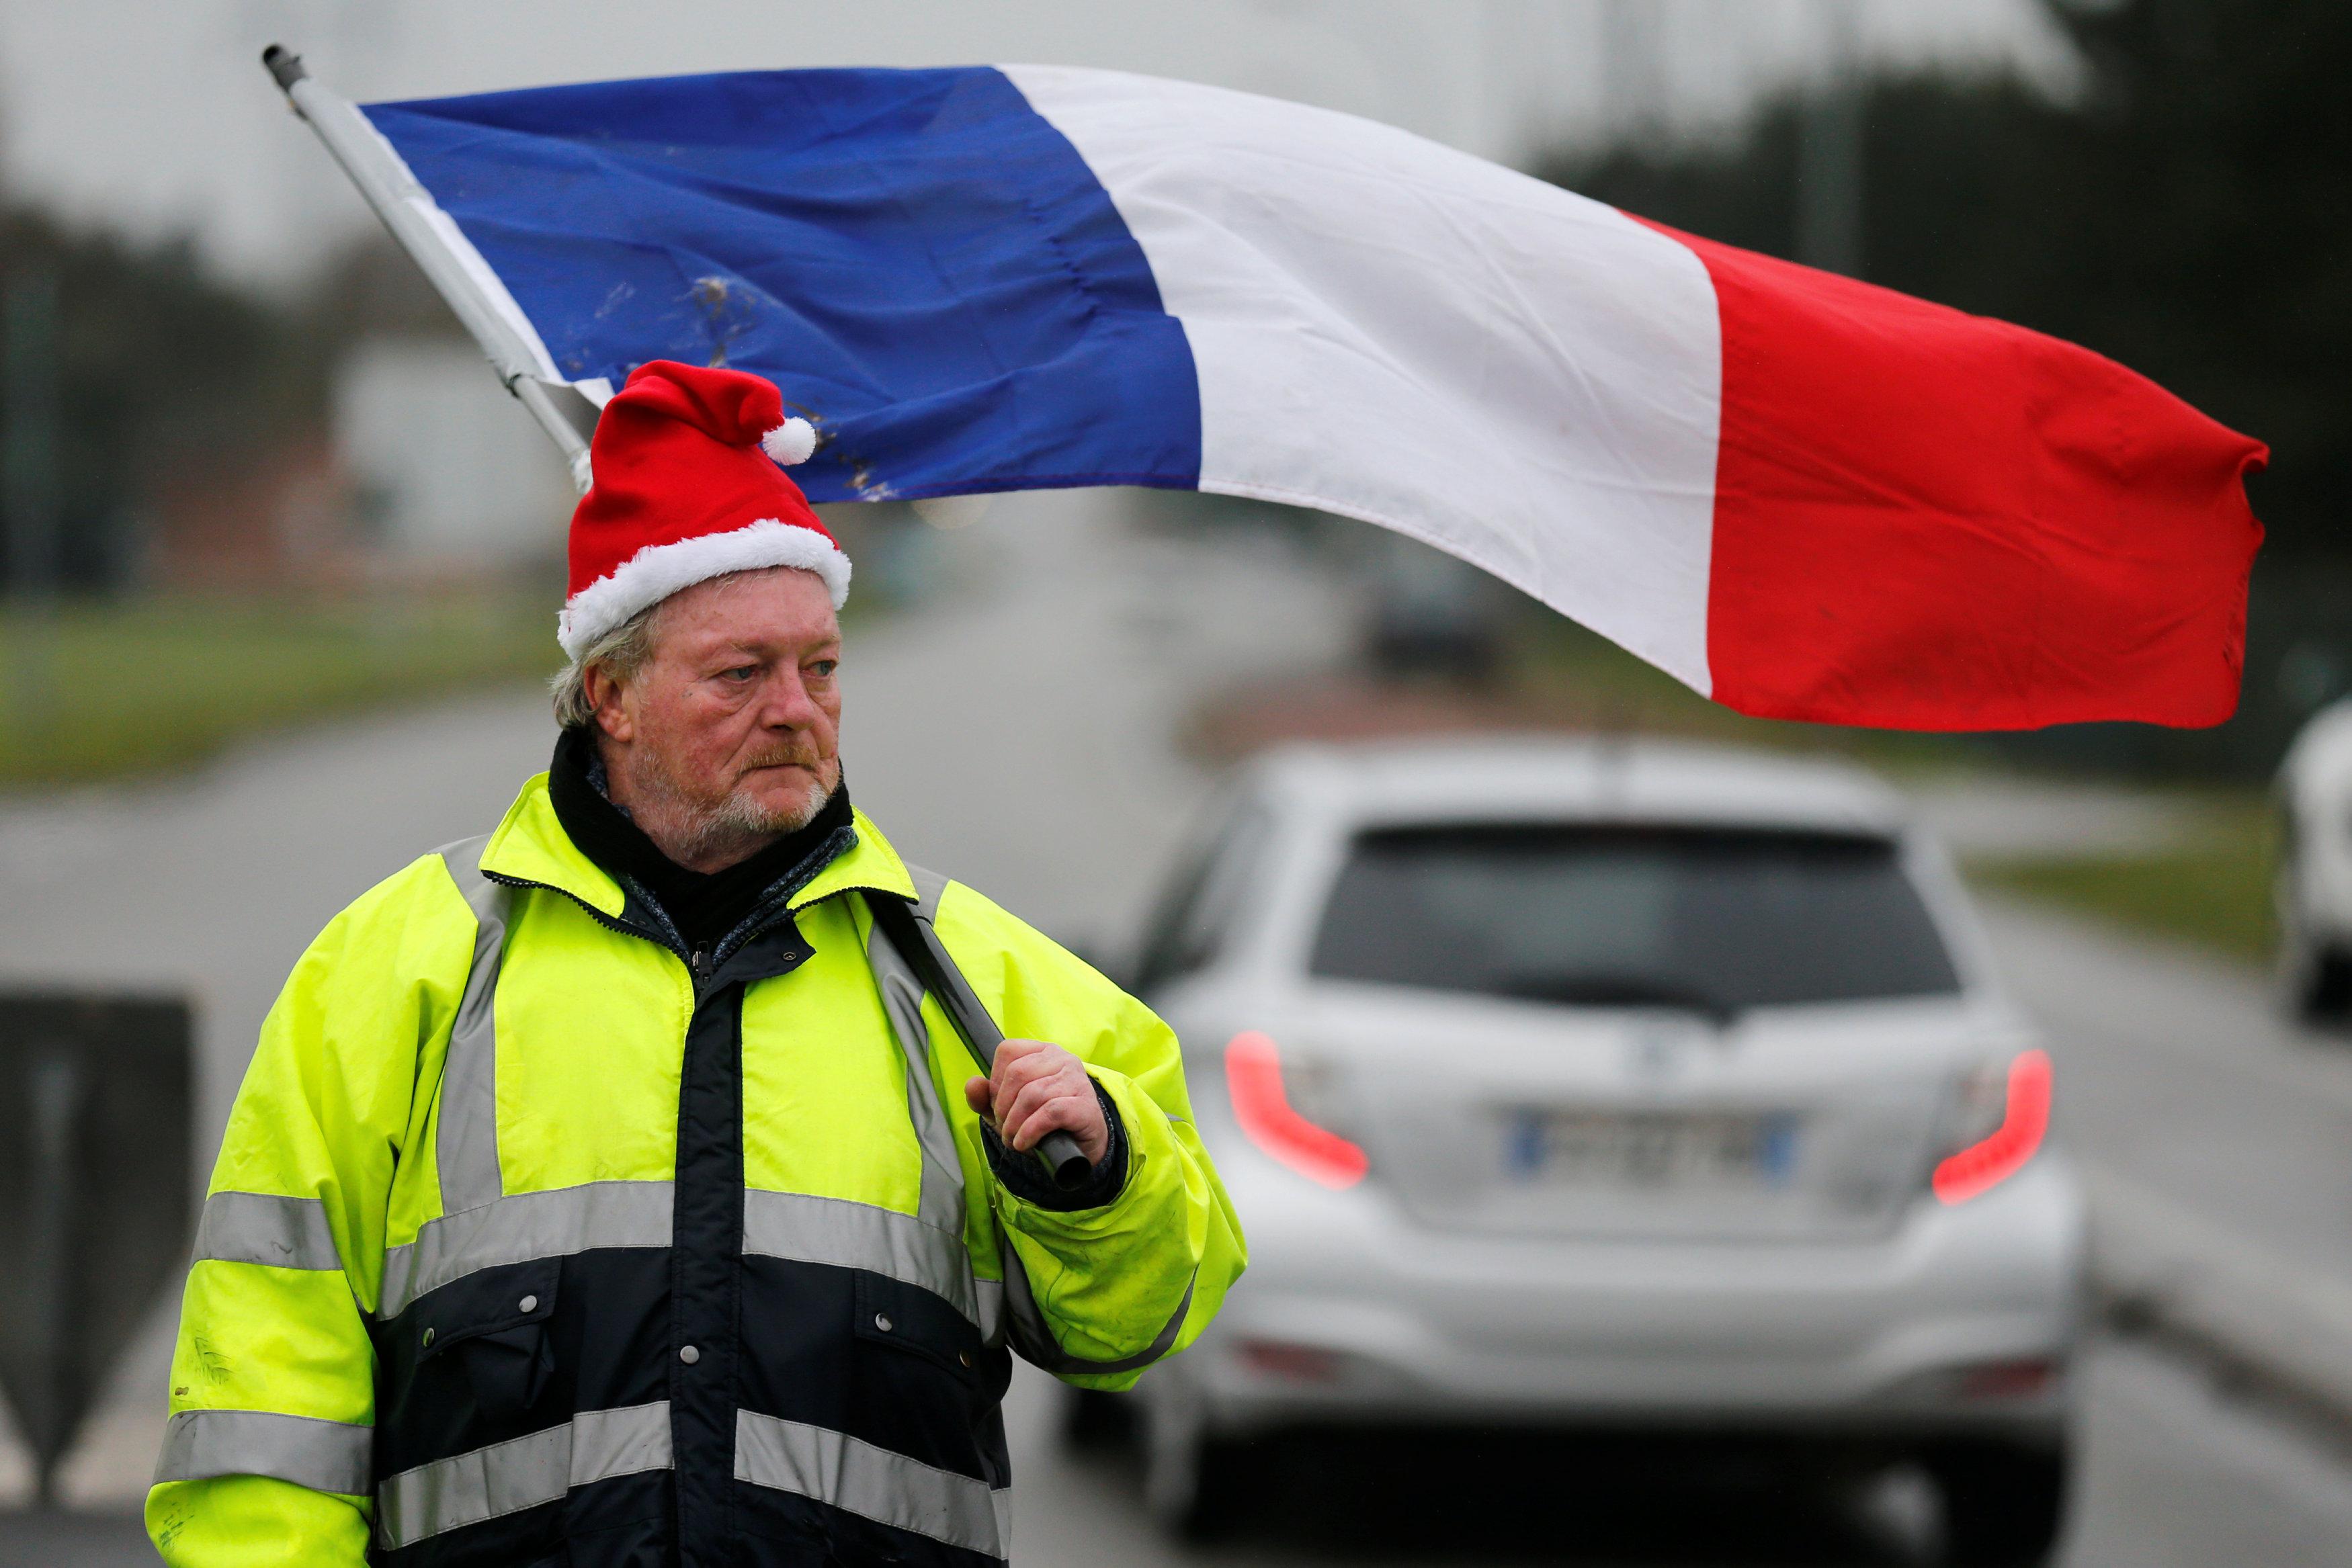 متظاهر يحمل علم فرنسا